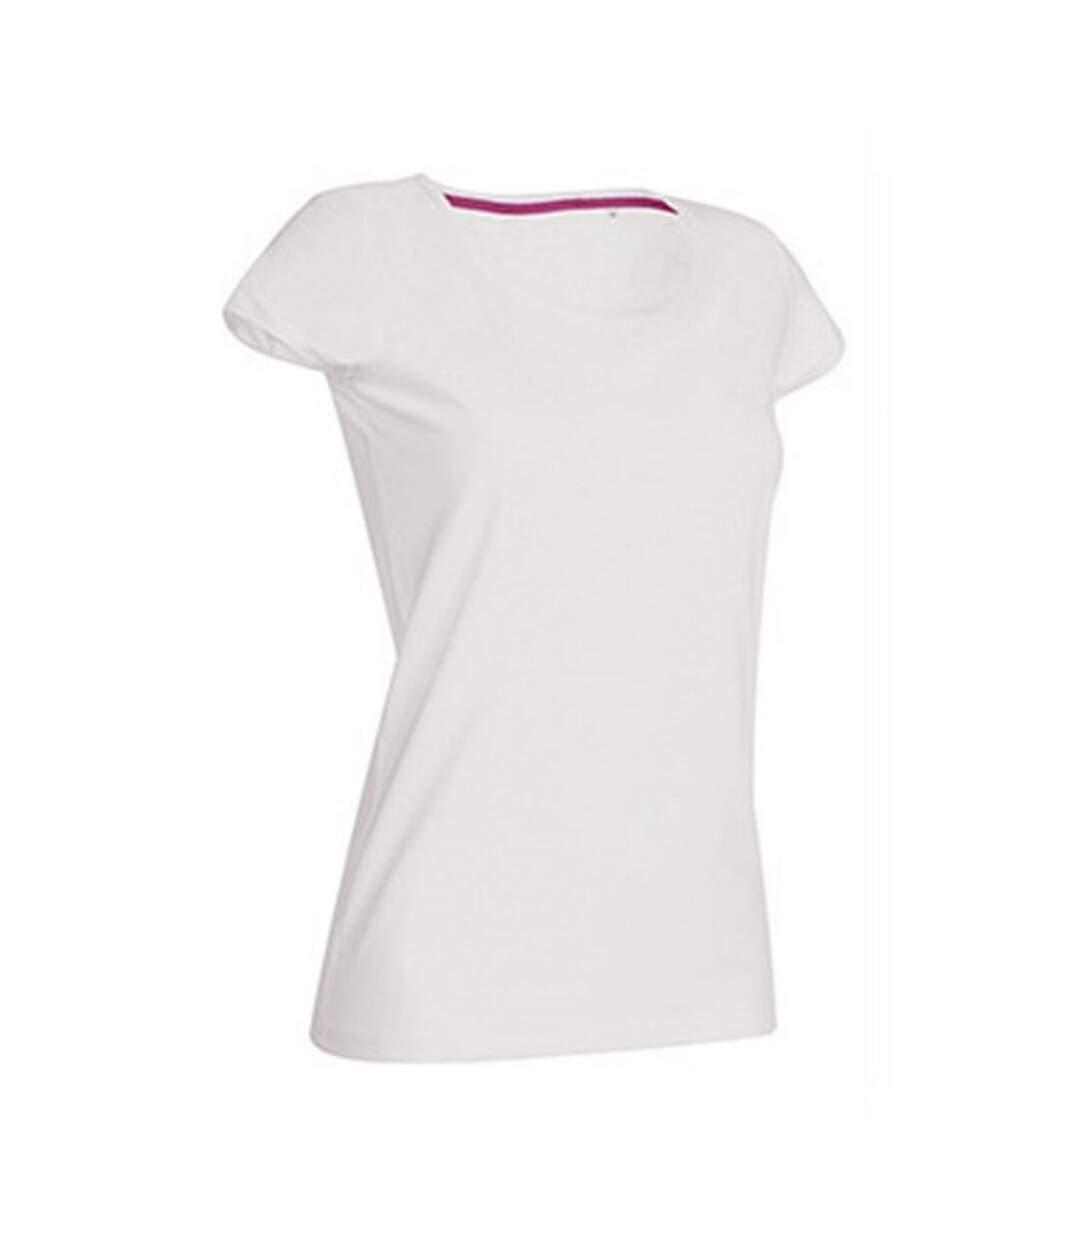 Stedman - T-Shirt Megan - Femme (Blanc) - UTAB363